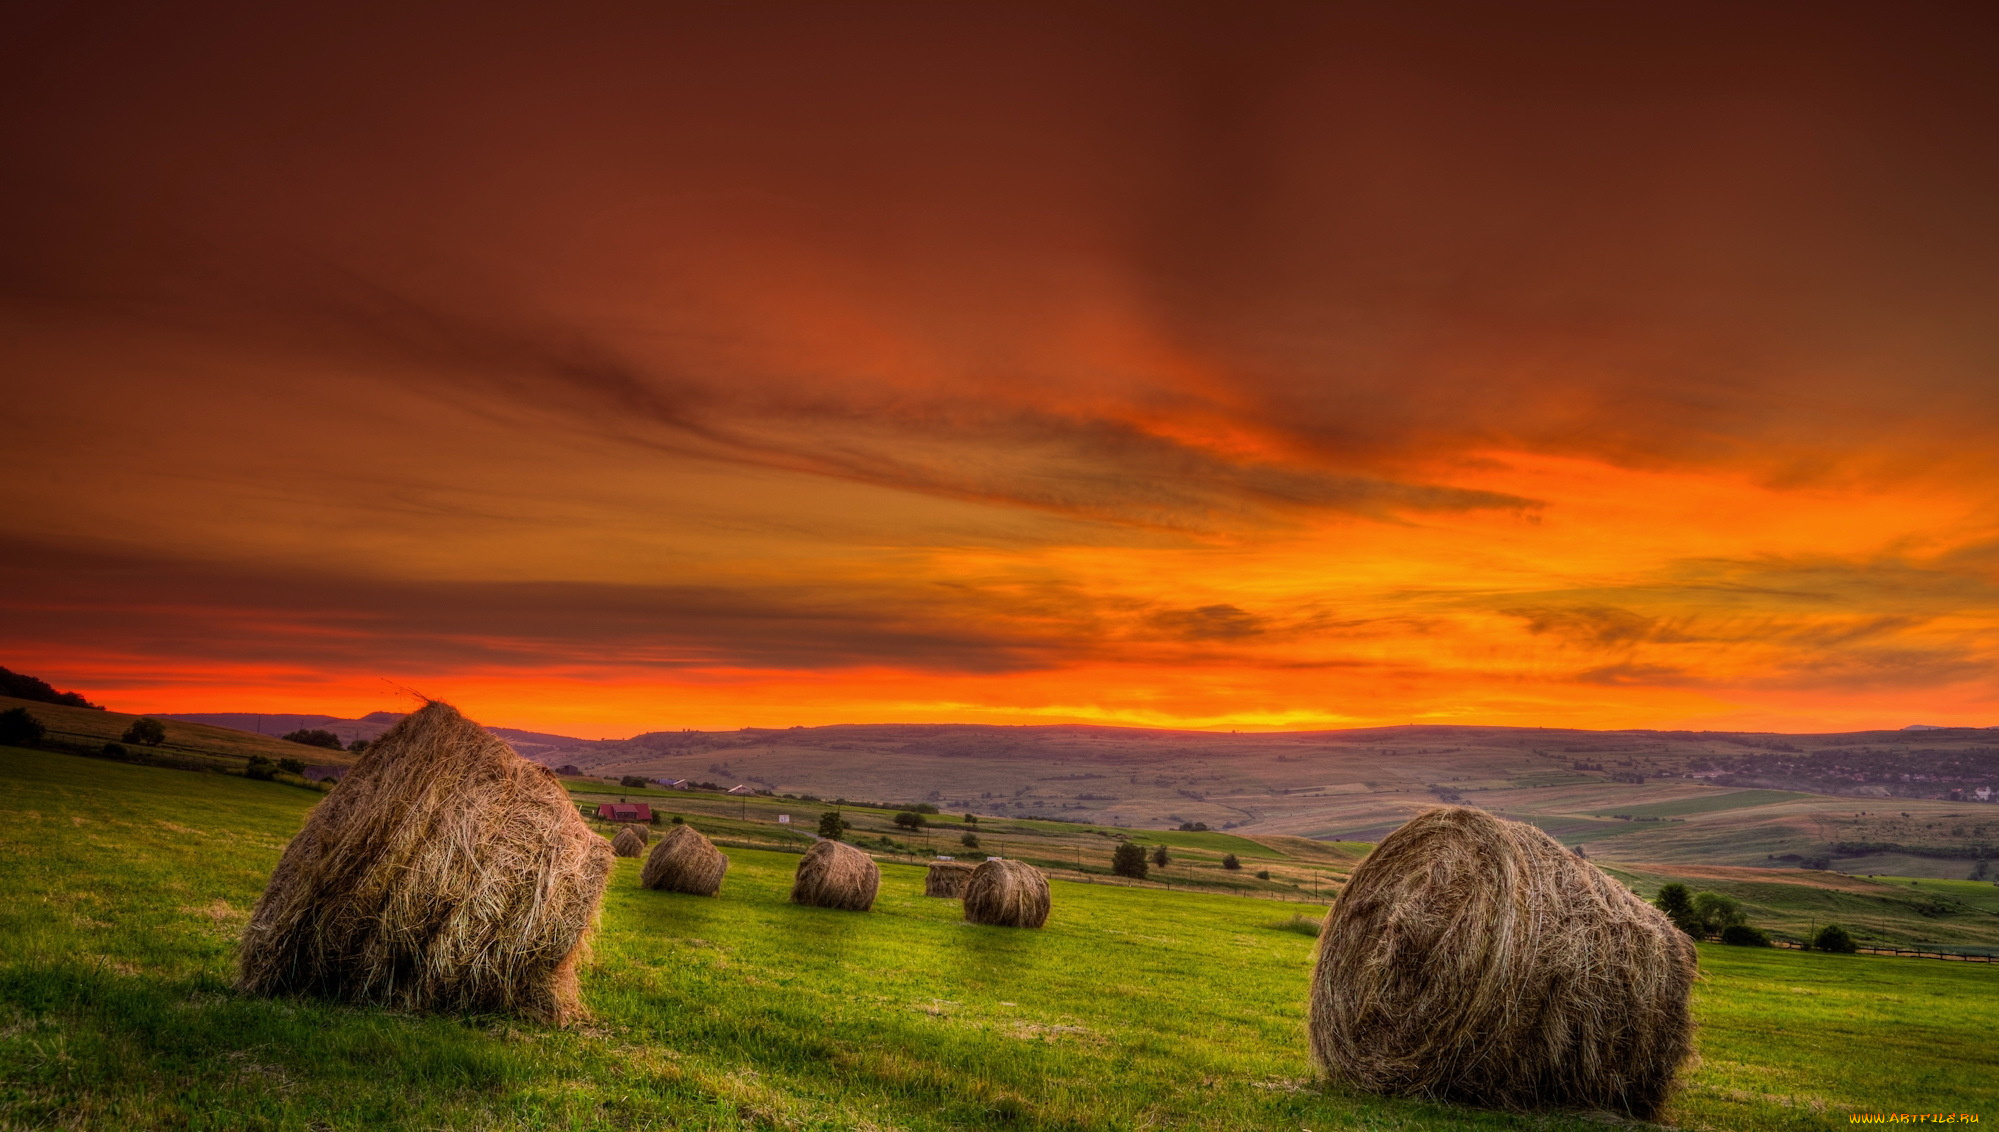 оранжевое авто дорога трава сено скачать